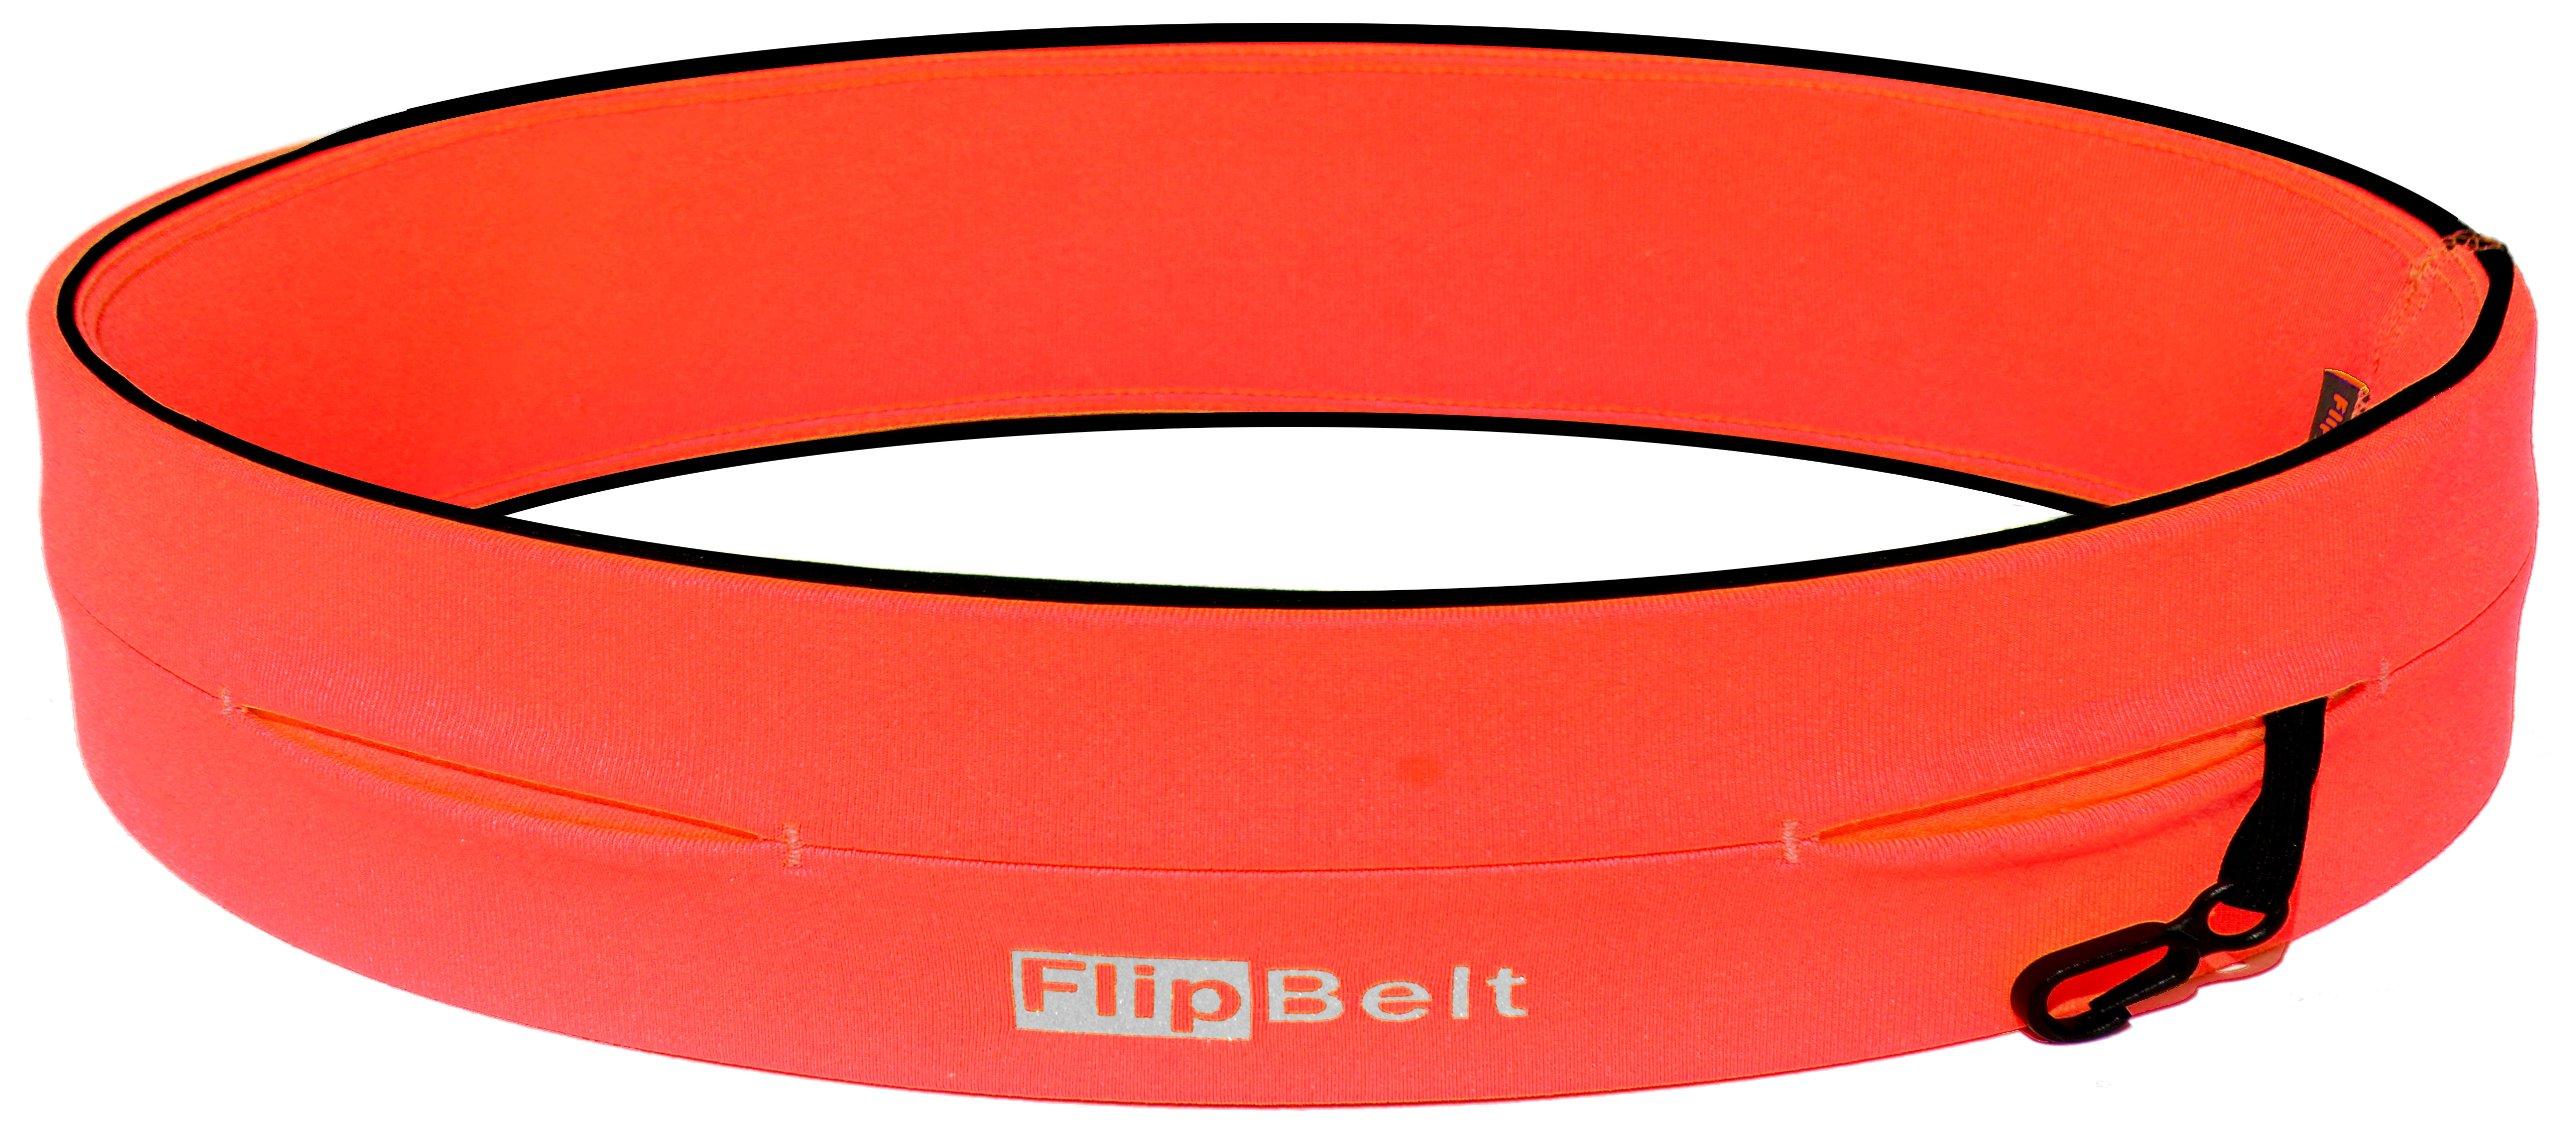 FlipBelt Level Terrain Waist Pouch, Neon Punch, X-Small/22-25'' by FlipBelt (Image #1)